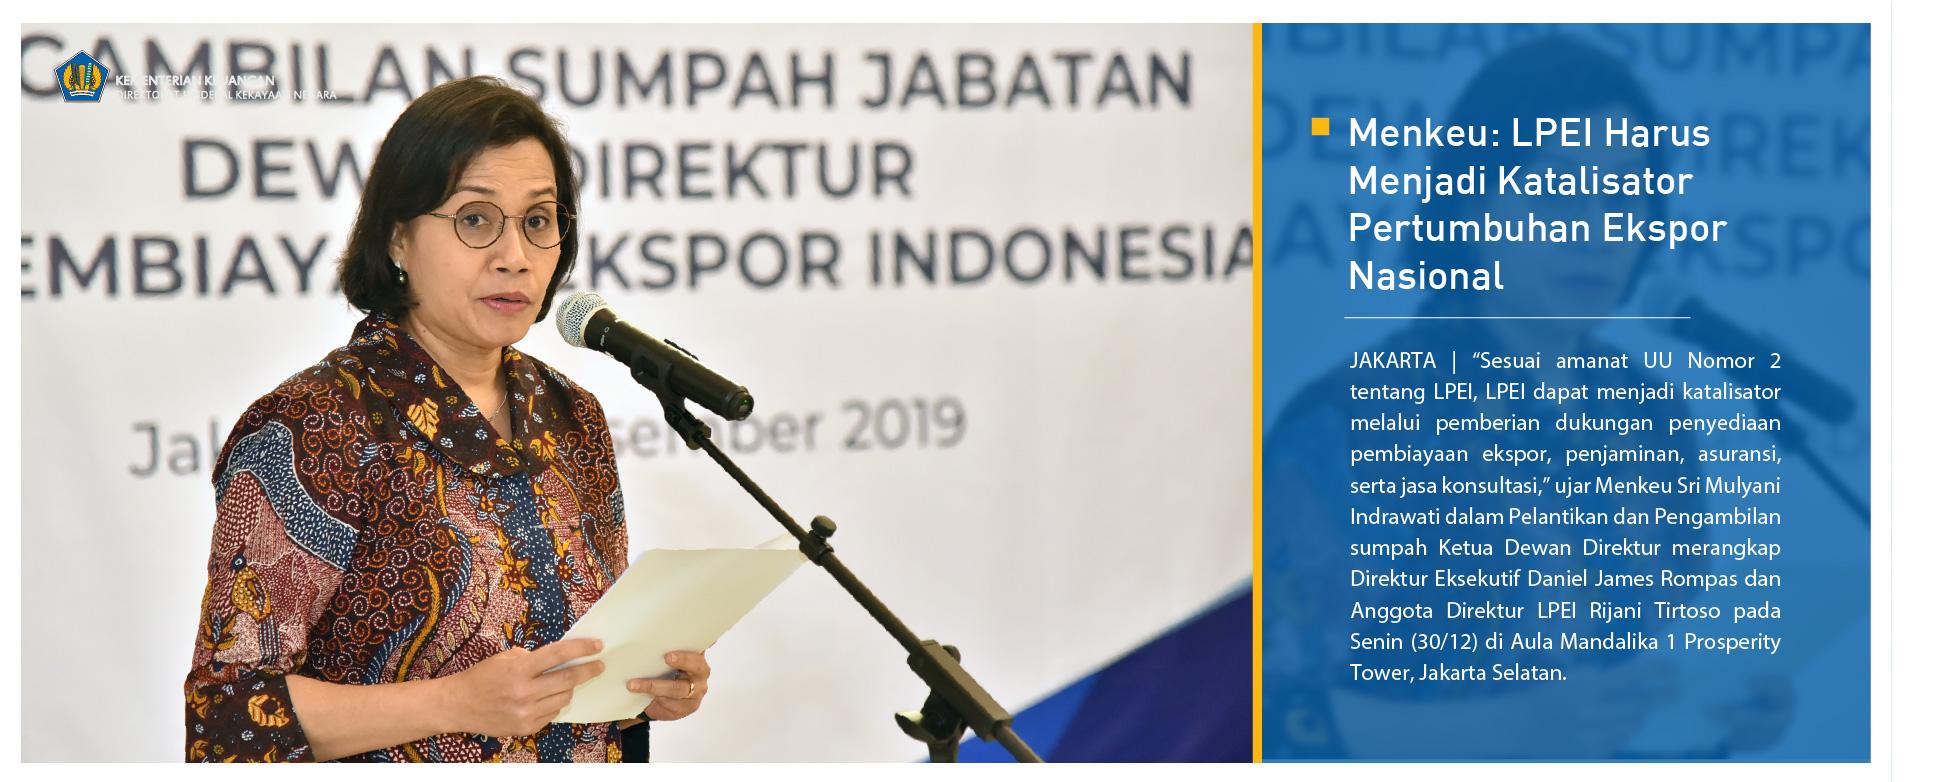 Menkeu: LPEI Harus Menjadi Katalisator Pertumbuhan Ekspor Nasional